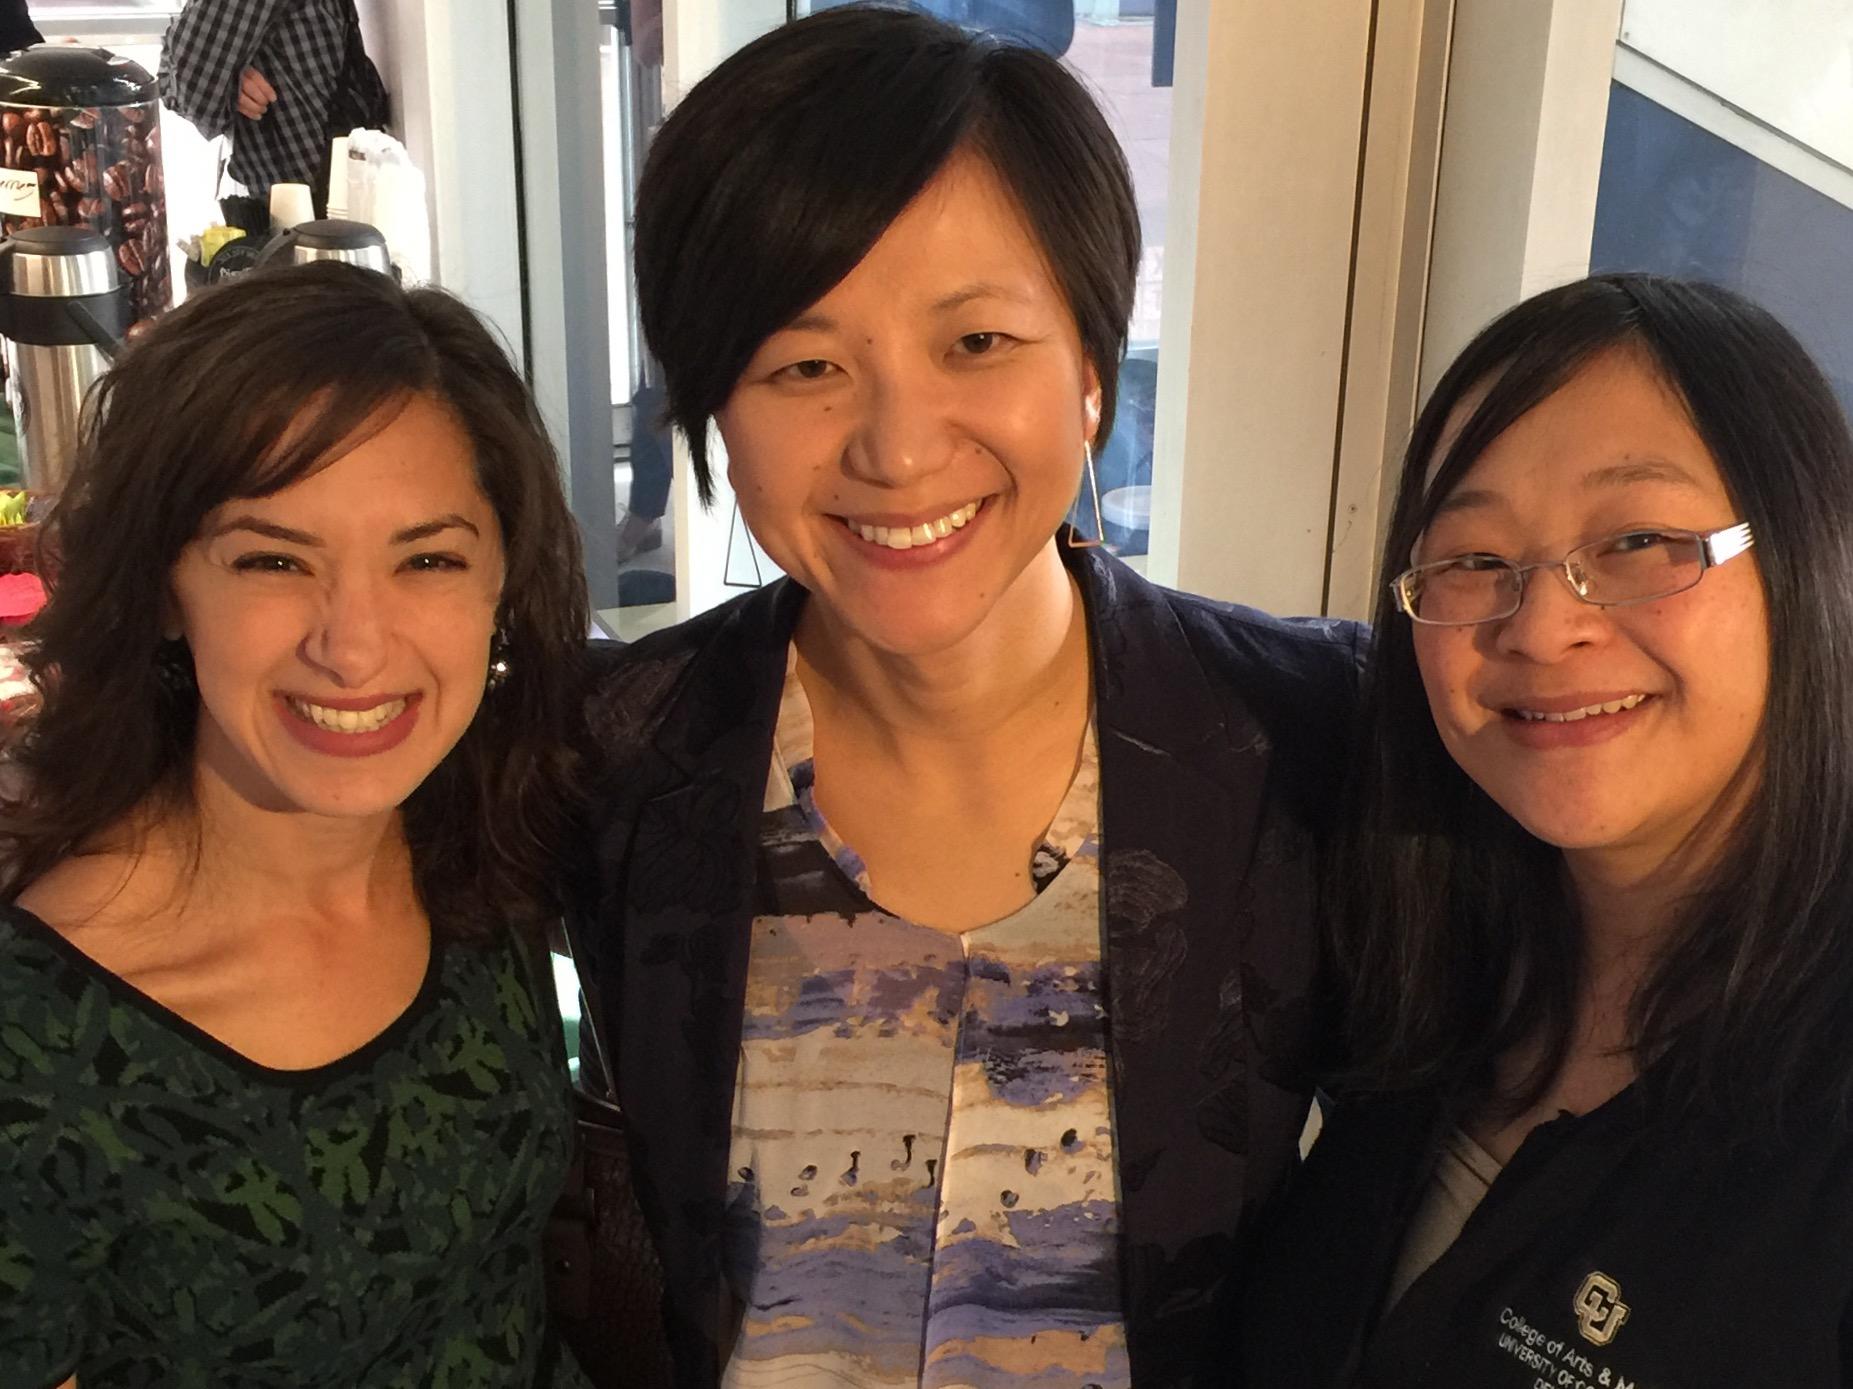 Marianna DiVietro, Yang Wang and Tanida Ruampant